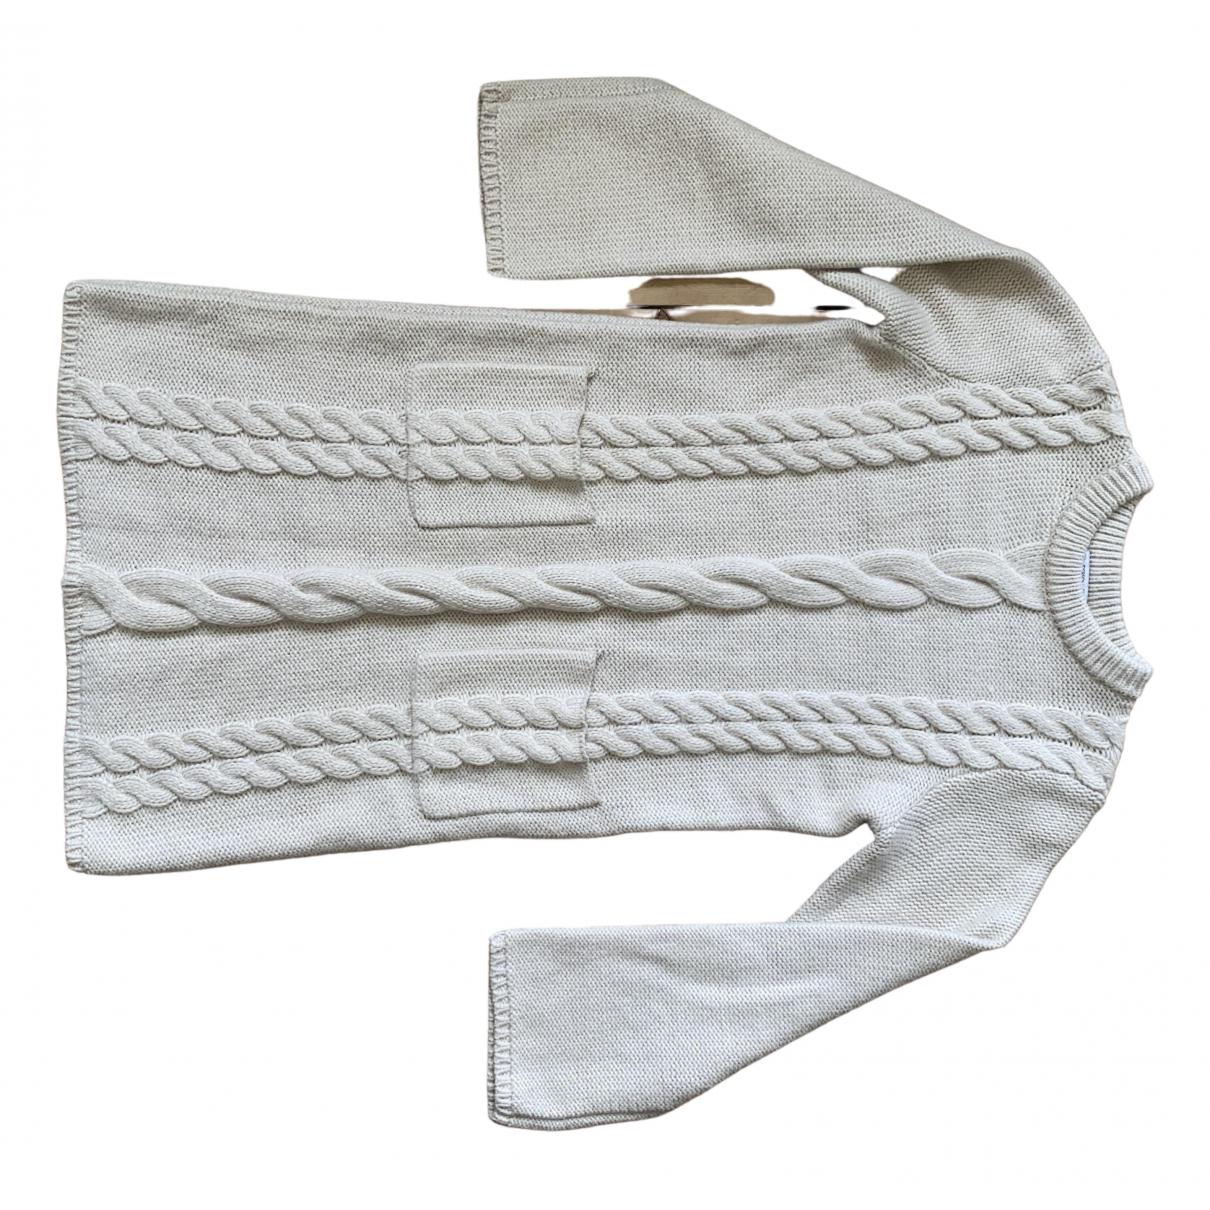 Uniqlo - Robe   pour femme - ecru